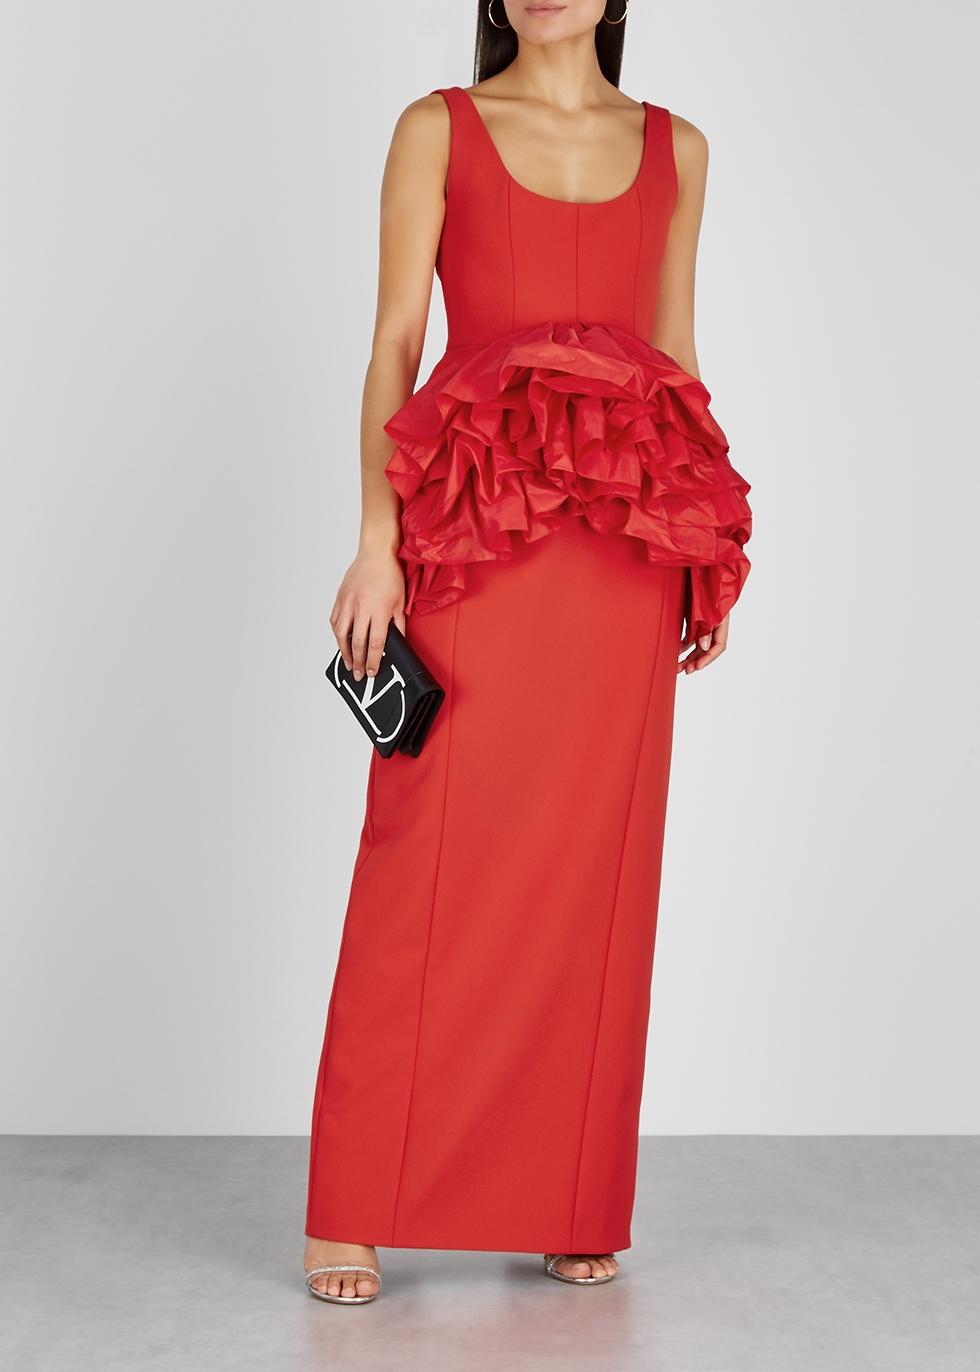 9354366a88 Designer Dresses   Designer Gowns - Harvey Nichols